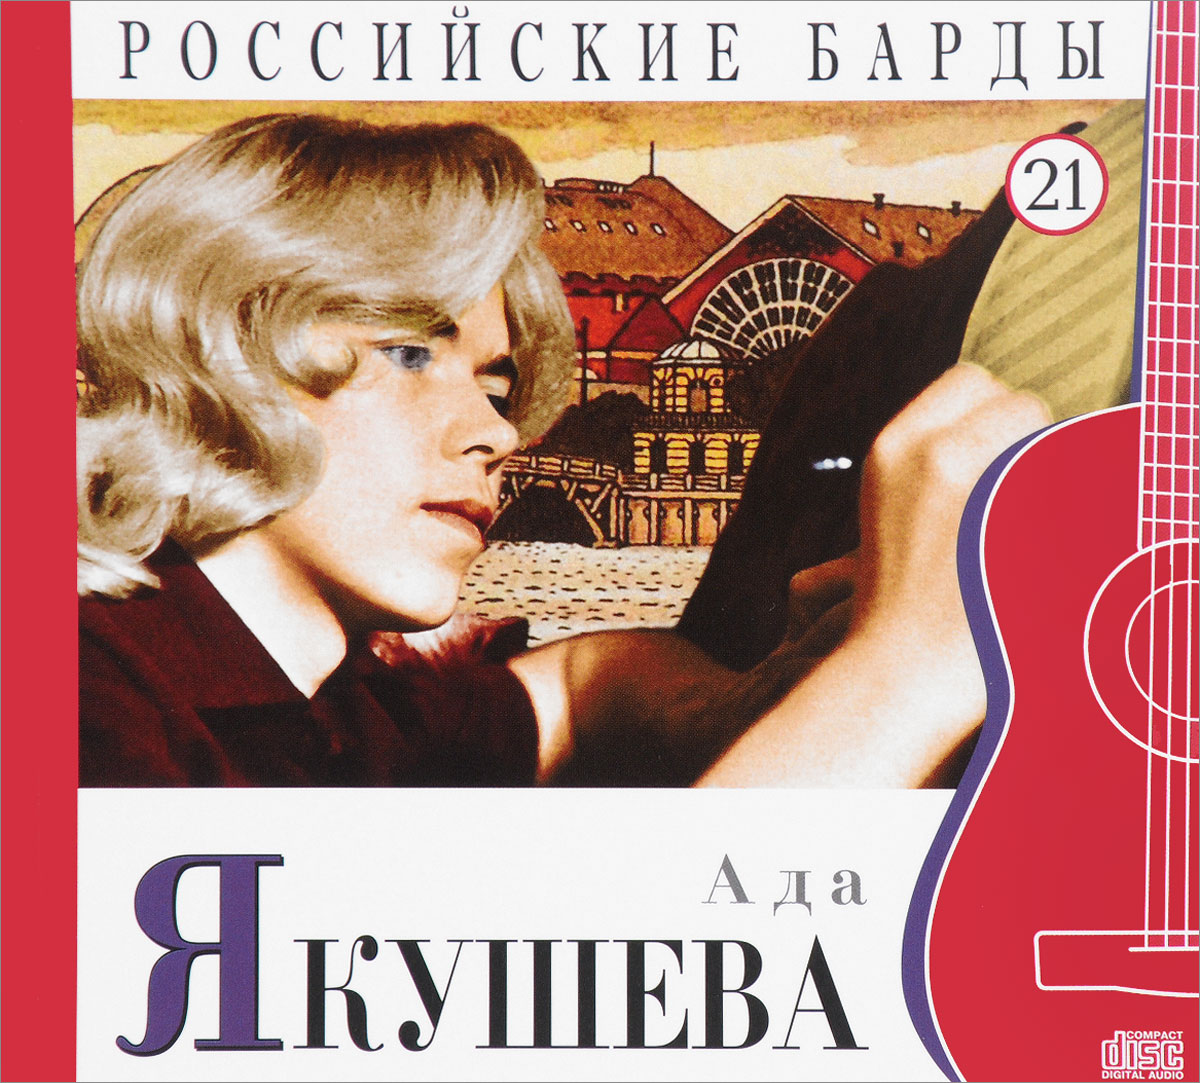 Российские барды, книга CD, том 21,